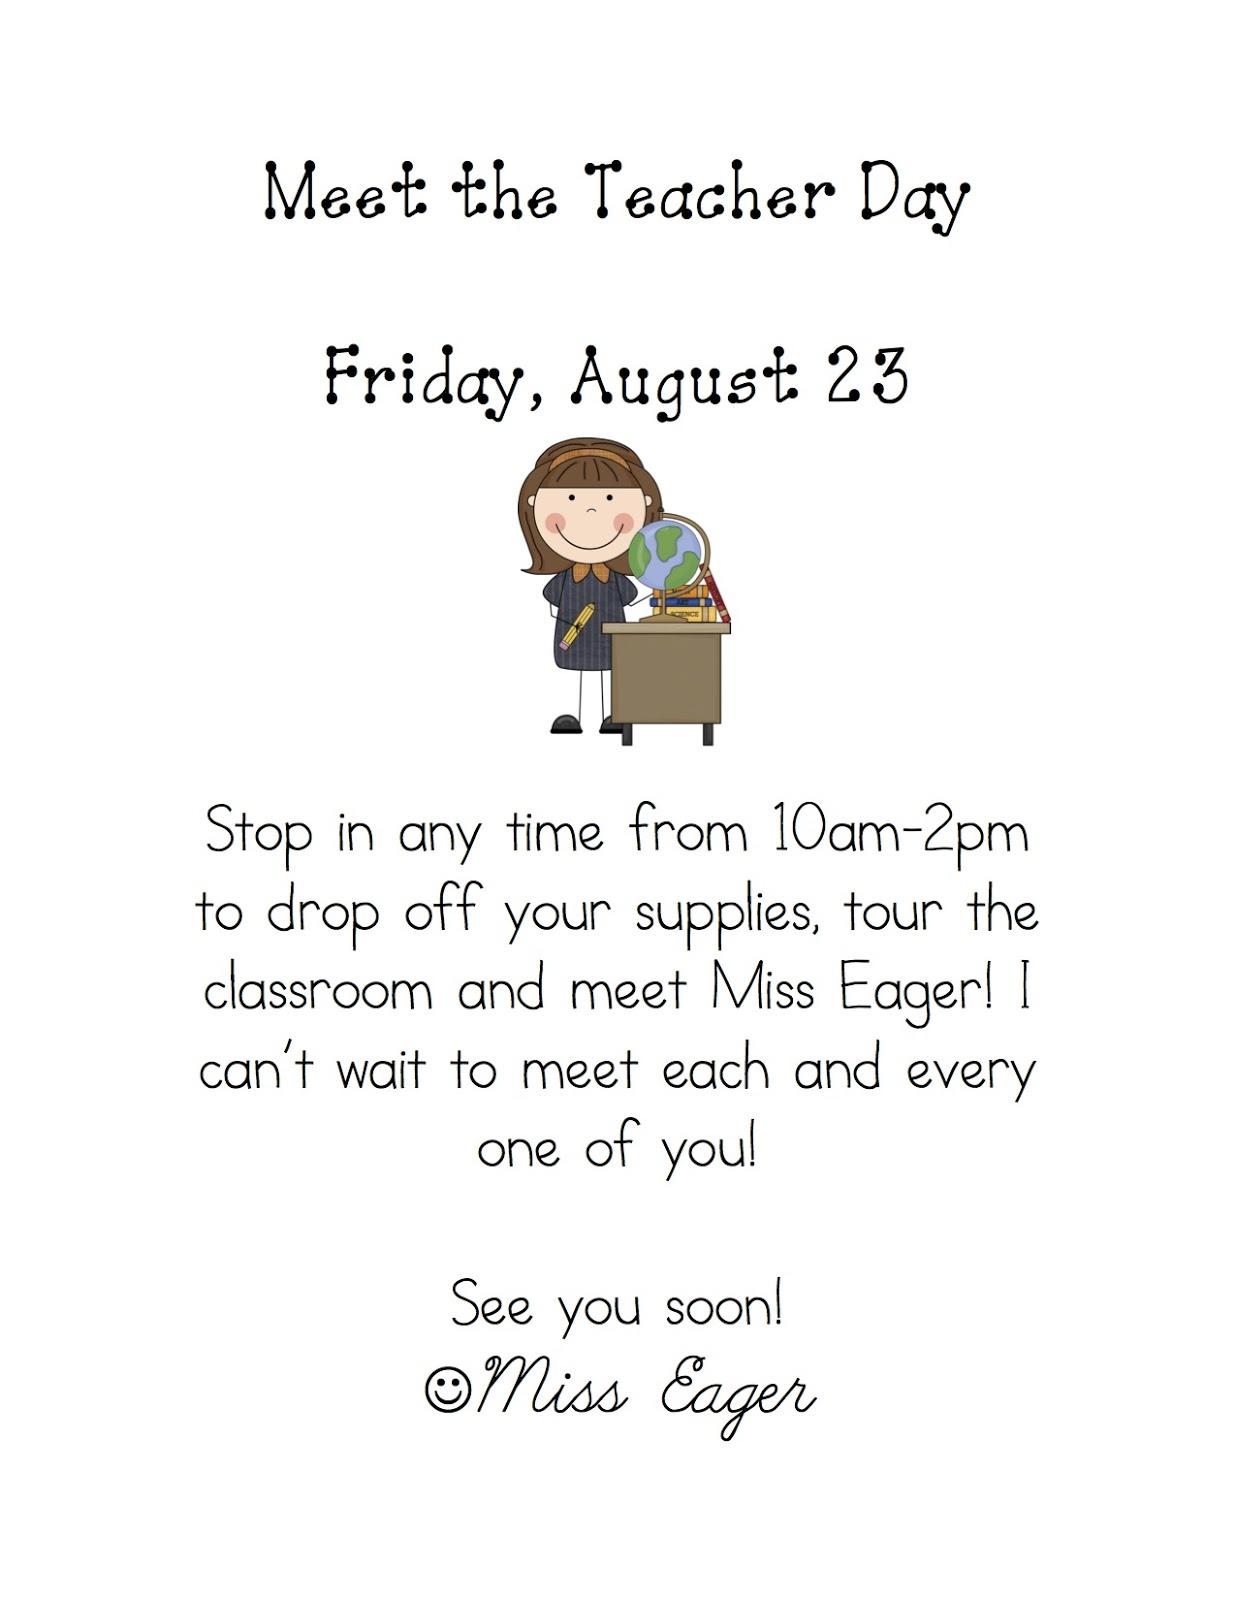 Invitation Letter For Teachers Day Celebration   www ...